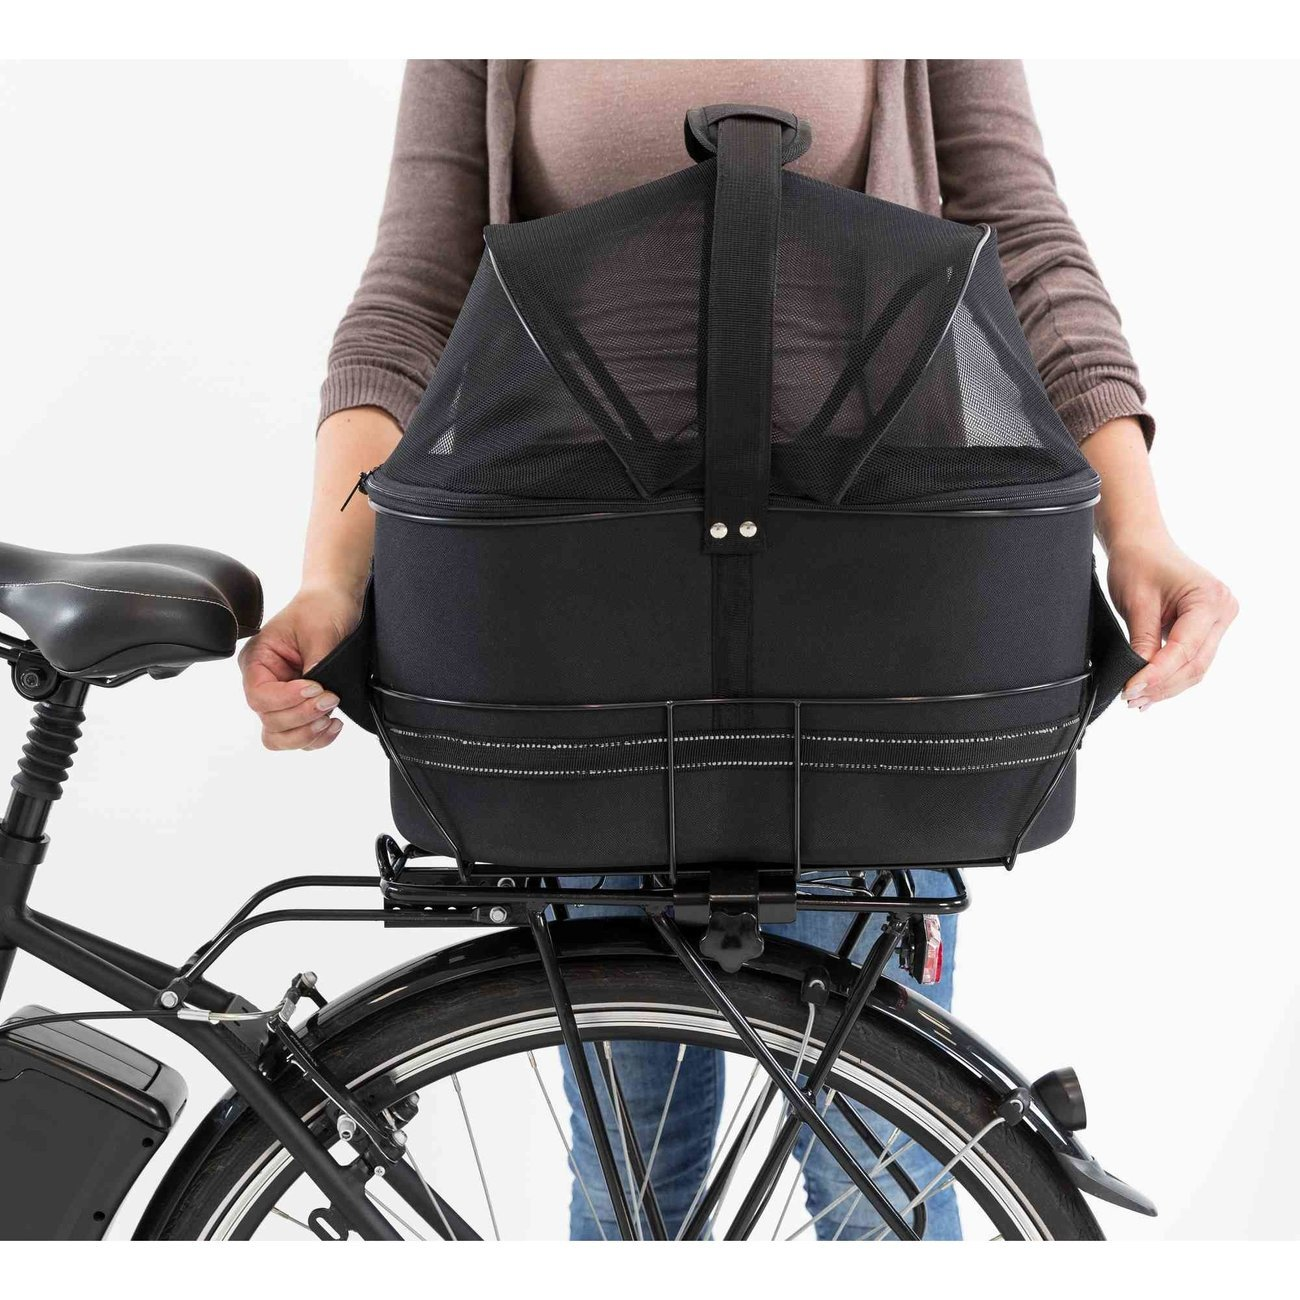 Fahrradtasche mit Metallrahmen für breite Gepäckträger Bild 16